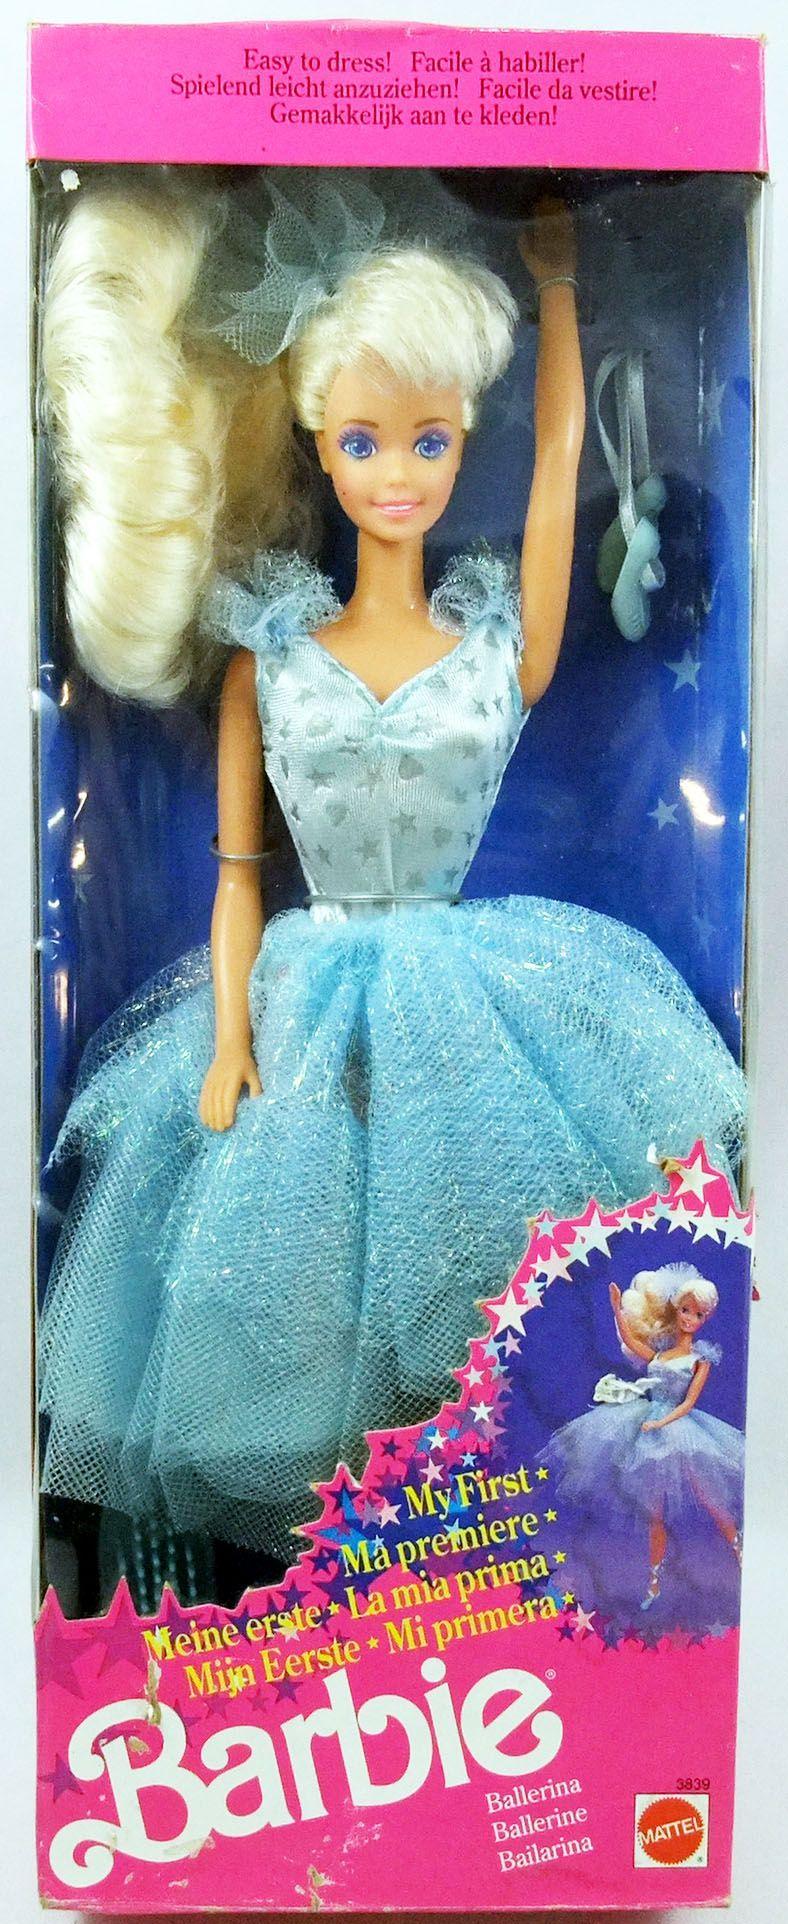 My First Ballerina Barbie Mattel 1991 Ref 3839